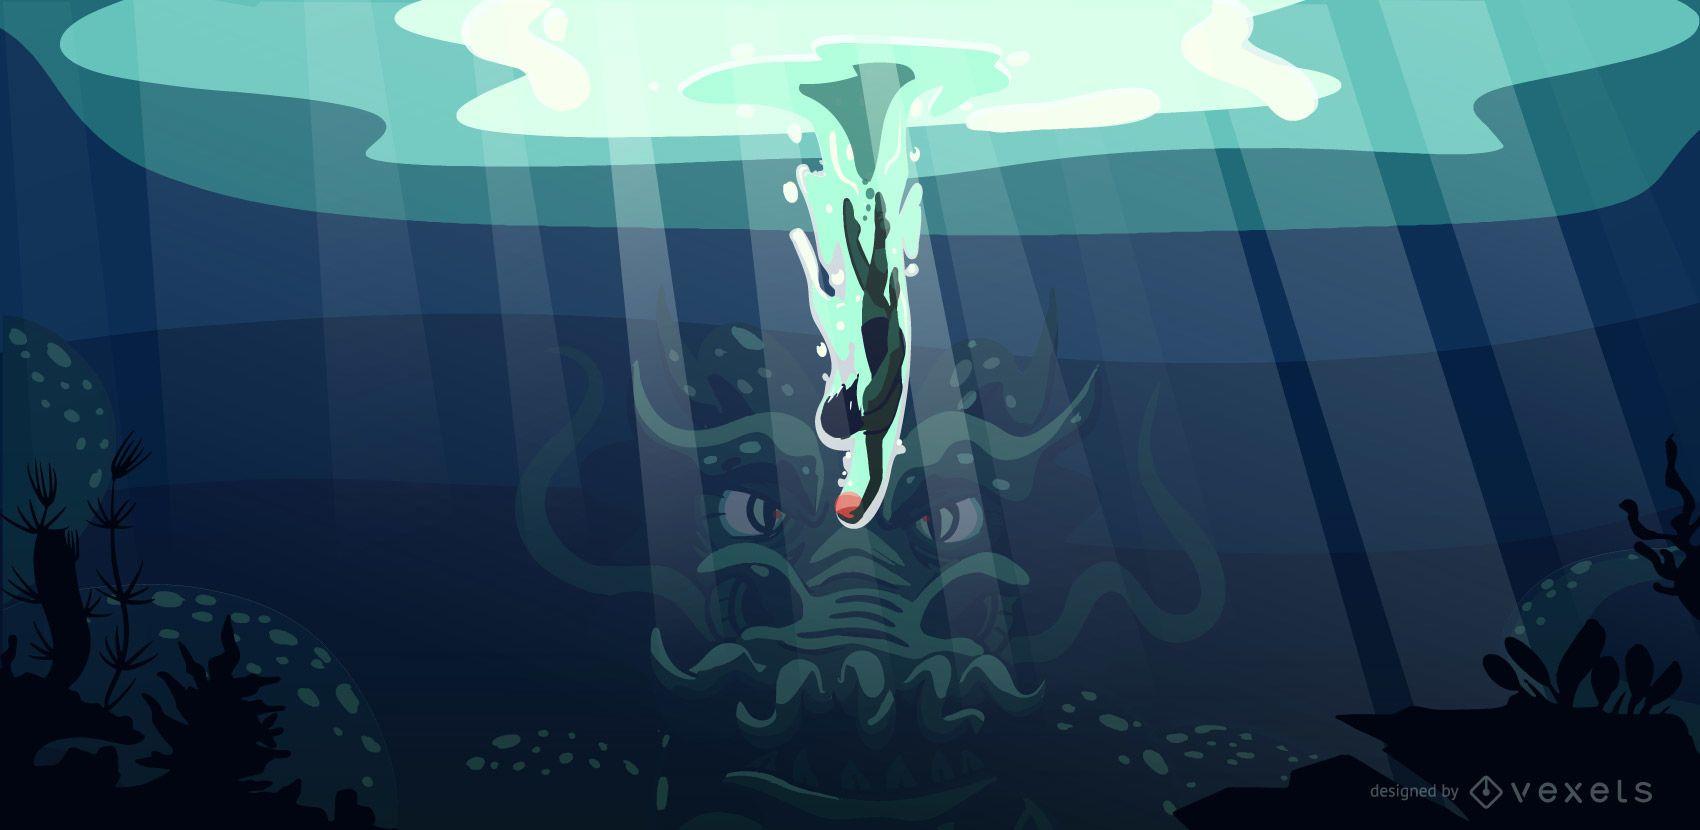 Underwater dragon illustration design